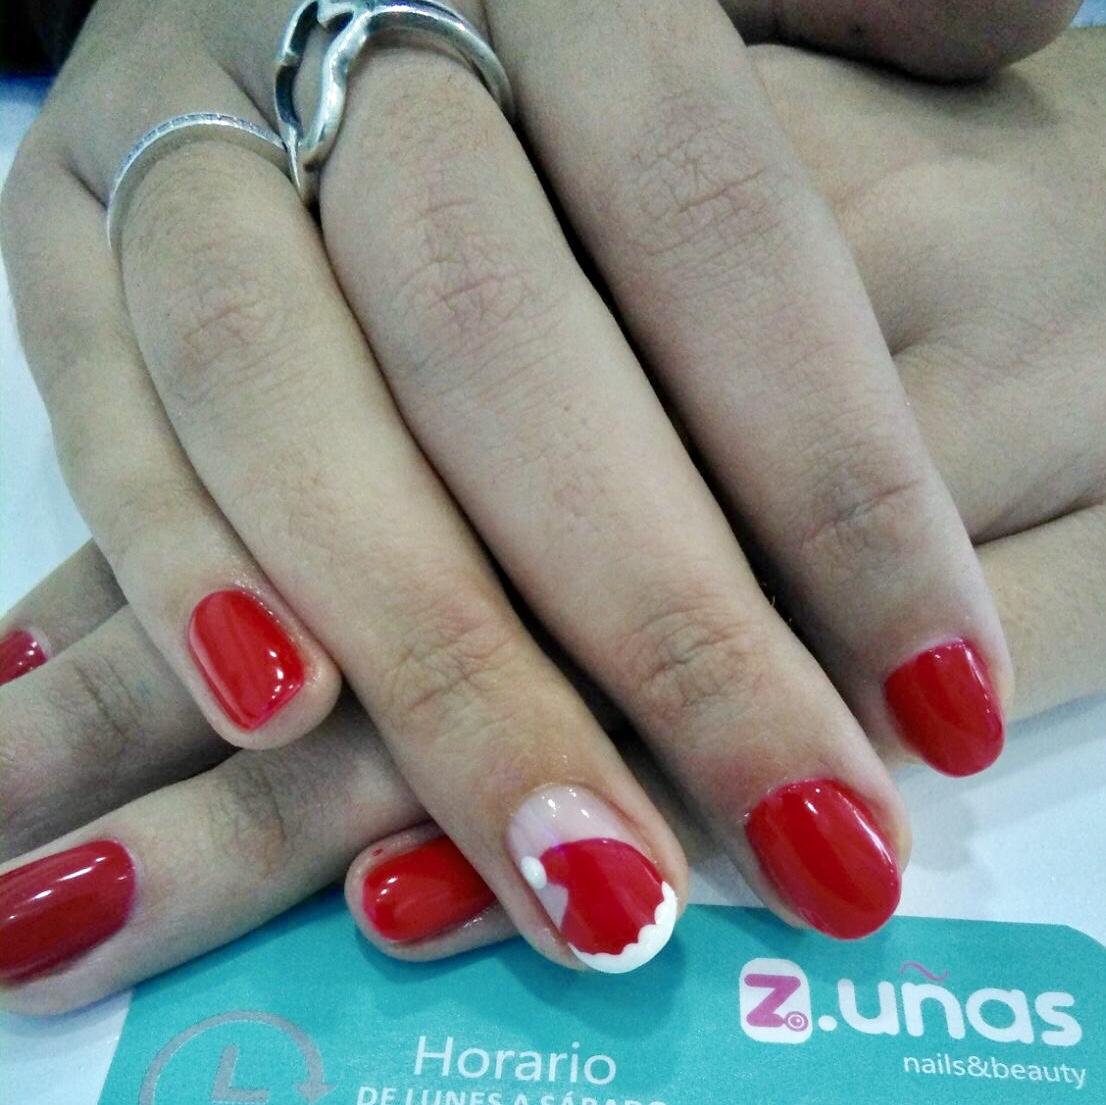 z uñas en valencia